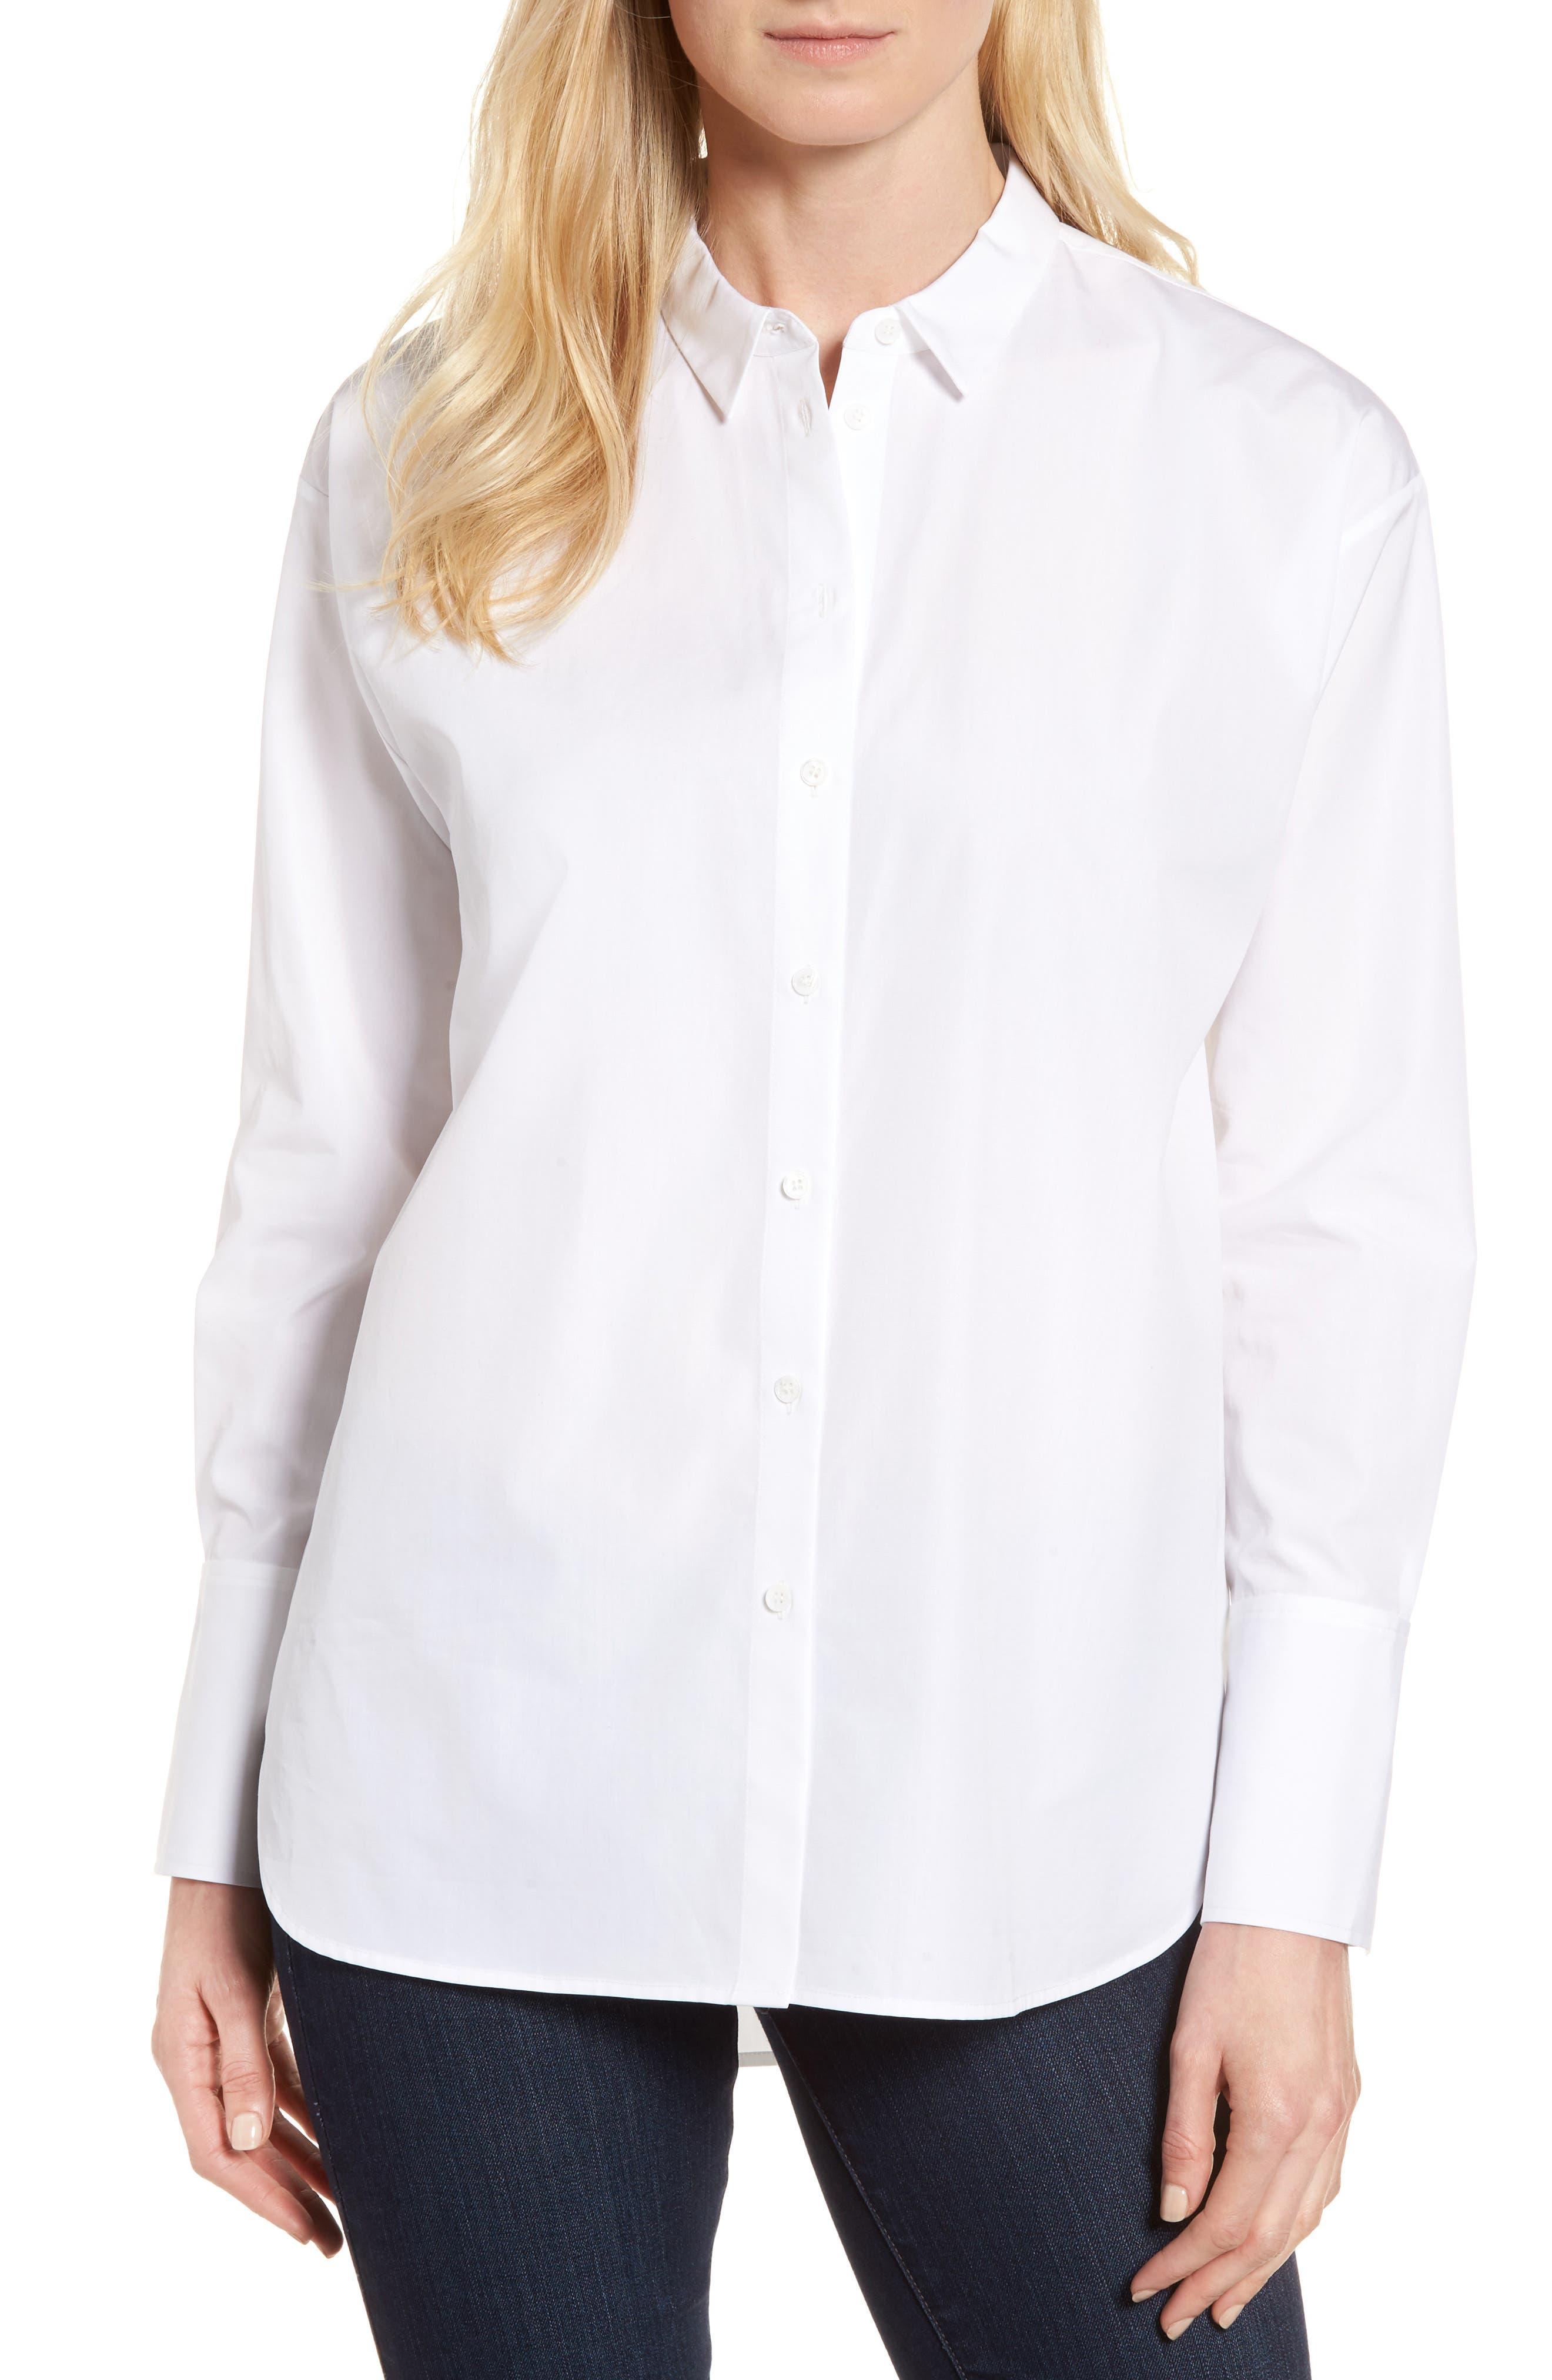 Nordstrom Signature Poplin Shirt